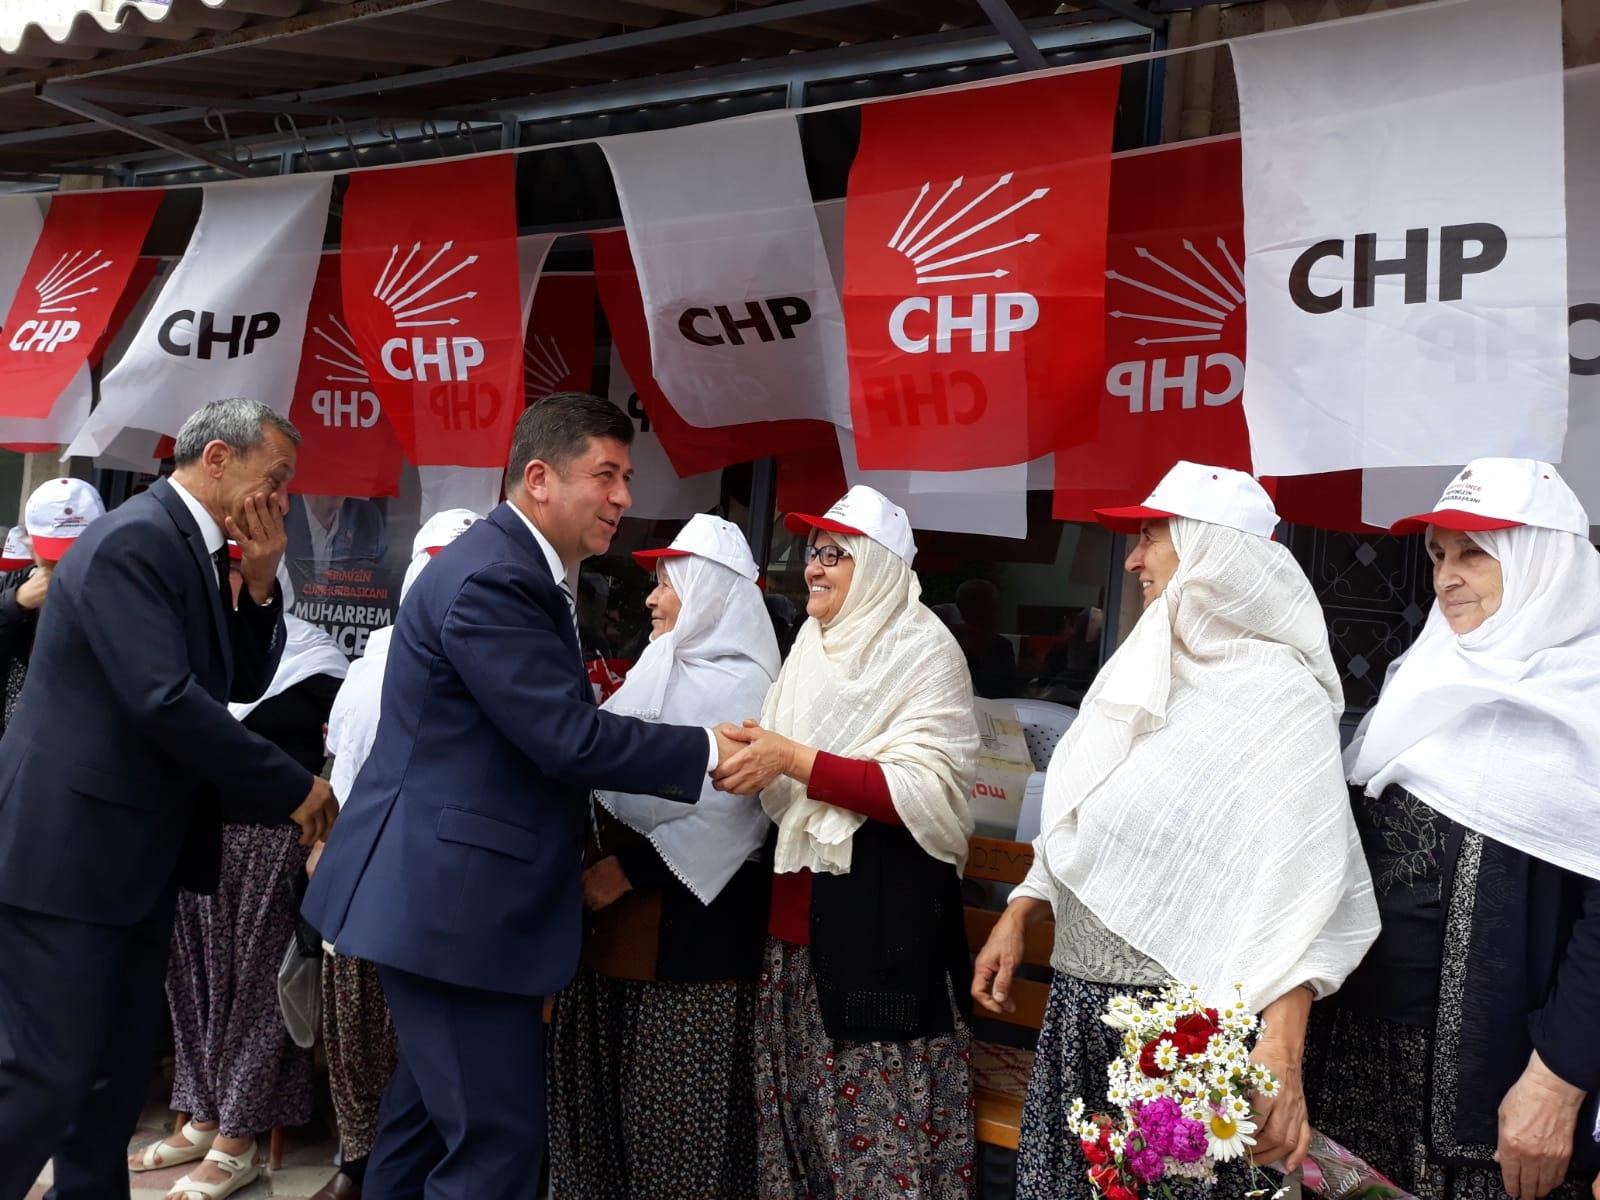 CHP'DEN GÖLPAZARI VE YENİPAZAR'DA GÖVDE GÖSTERİSİ